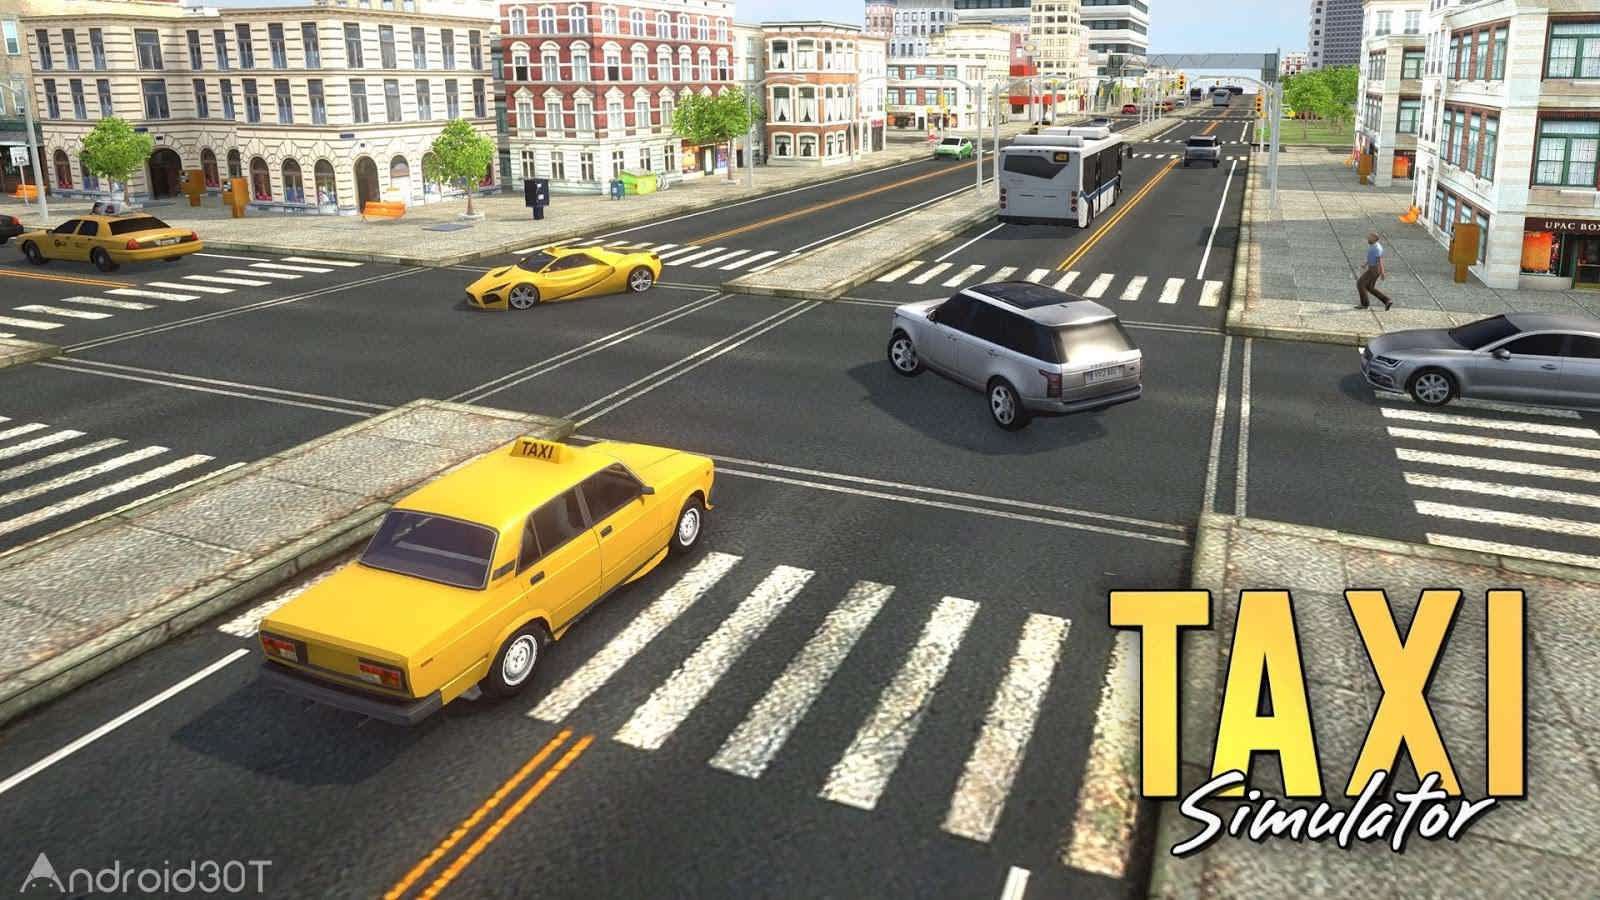 دانلود Taxi Simulator 2018 v1.0.0 – بازی شبیه ساز تاکسی 2018 اندروید